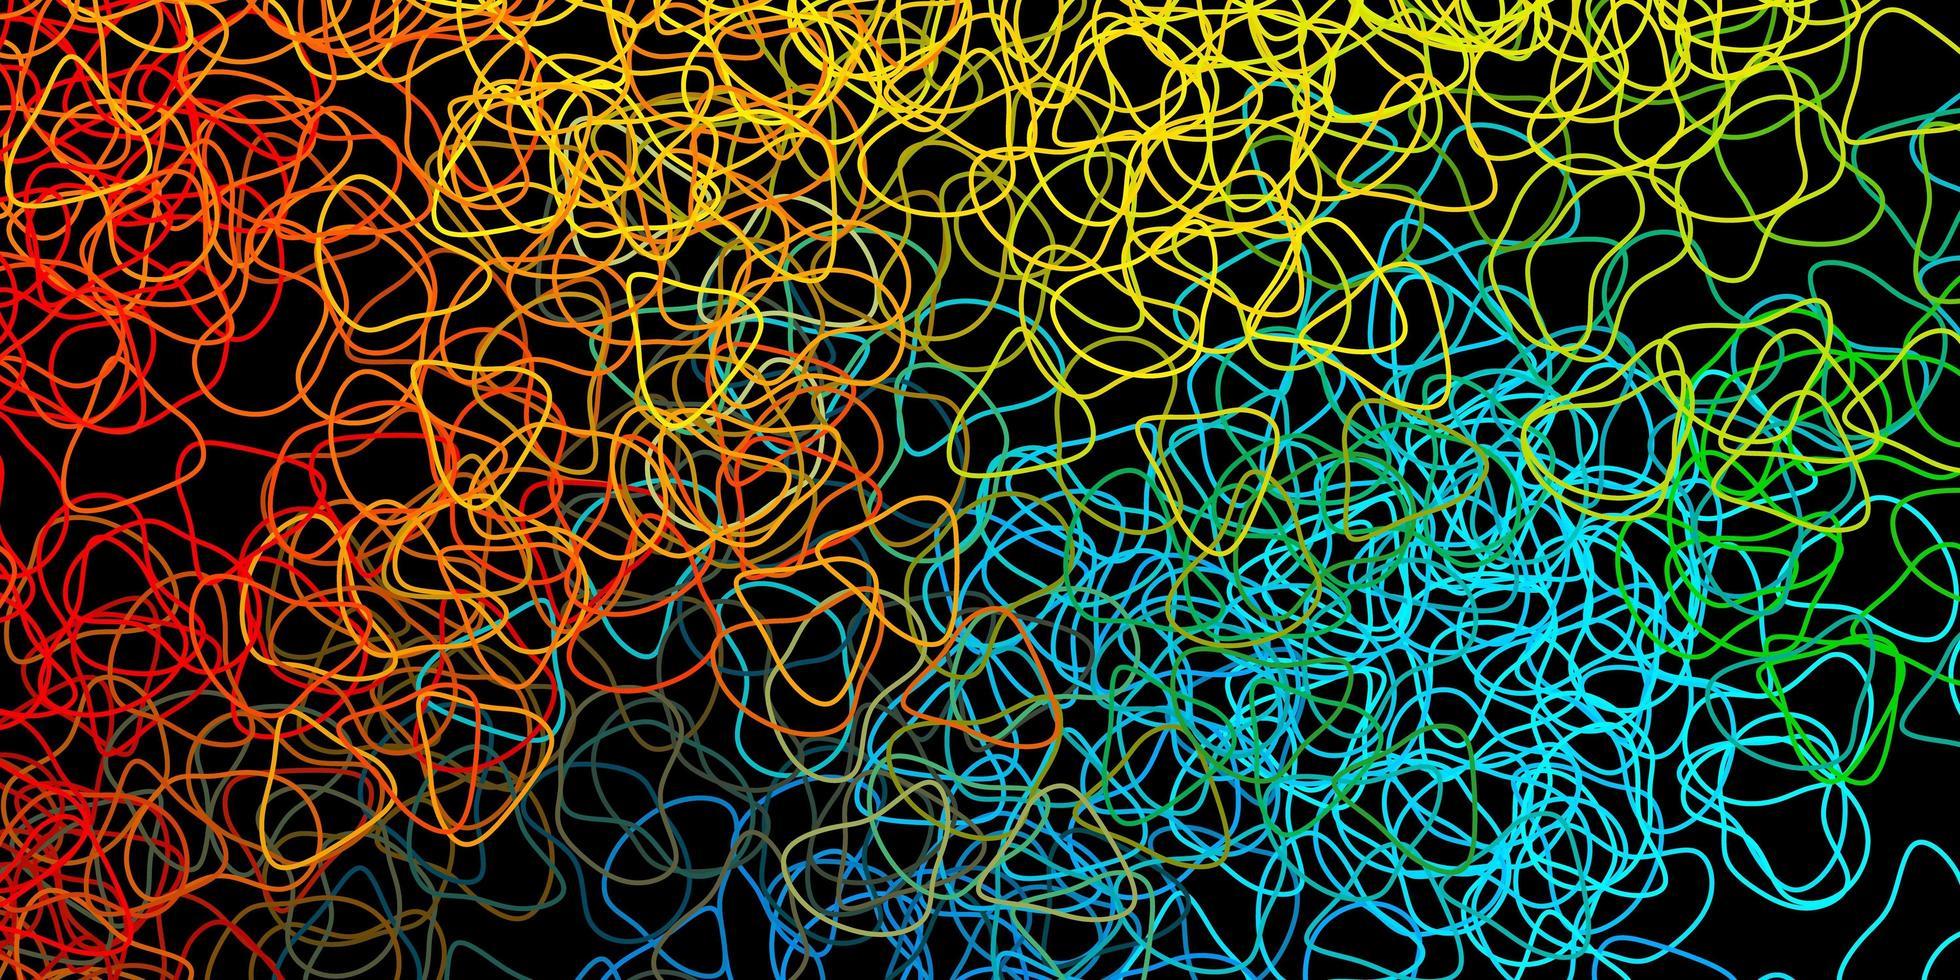 fond de vecteur bleu foncé, jaune avec des formes aléatoires.